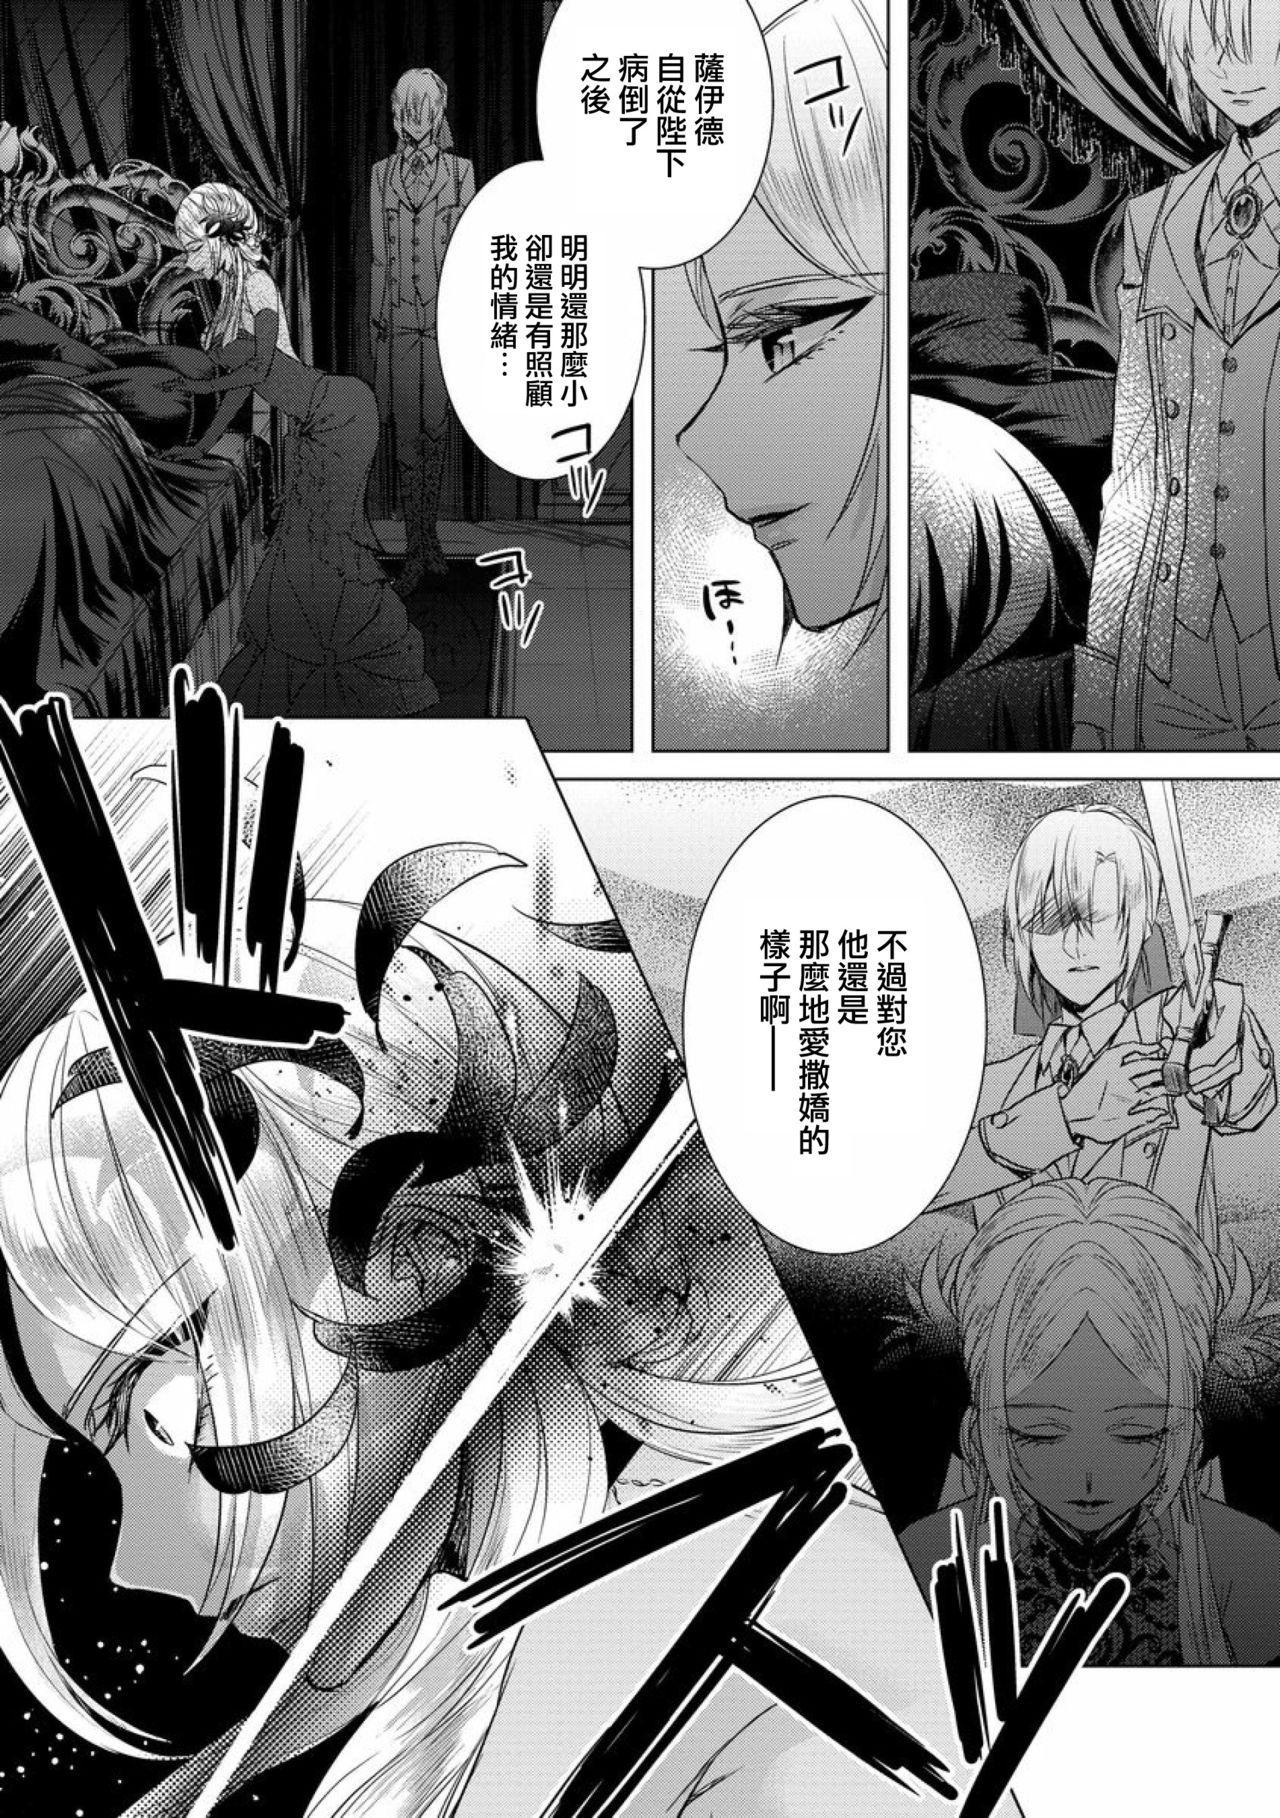 [Saotome Mokono] Kyououji no Ibitsu na Shuuai ~Nyotaika Knight no Totsukitooka~ Ch. 12 [Chinese] [瑞树汉化组] [Digital] 8